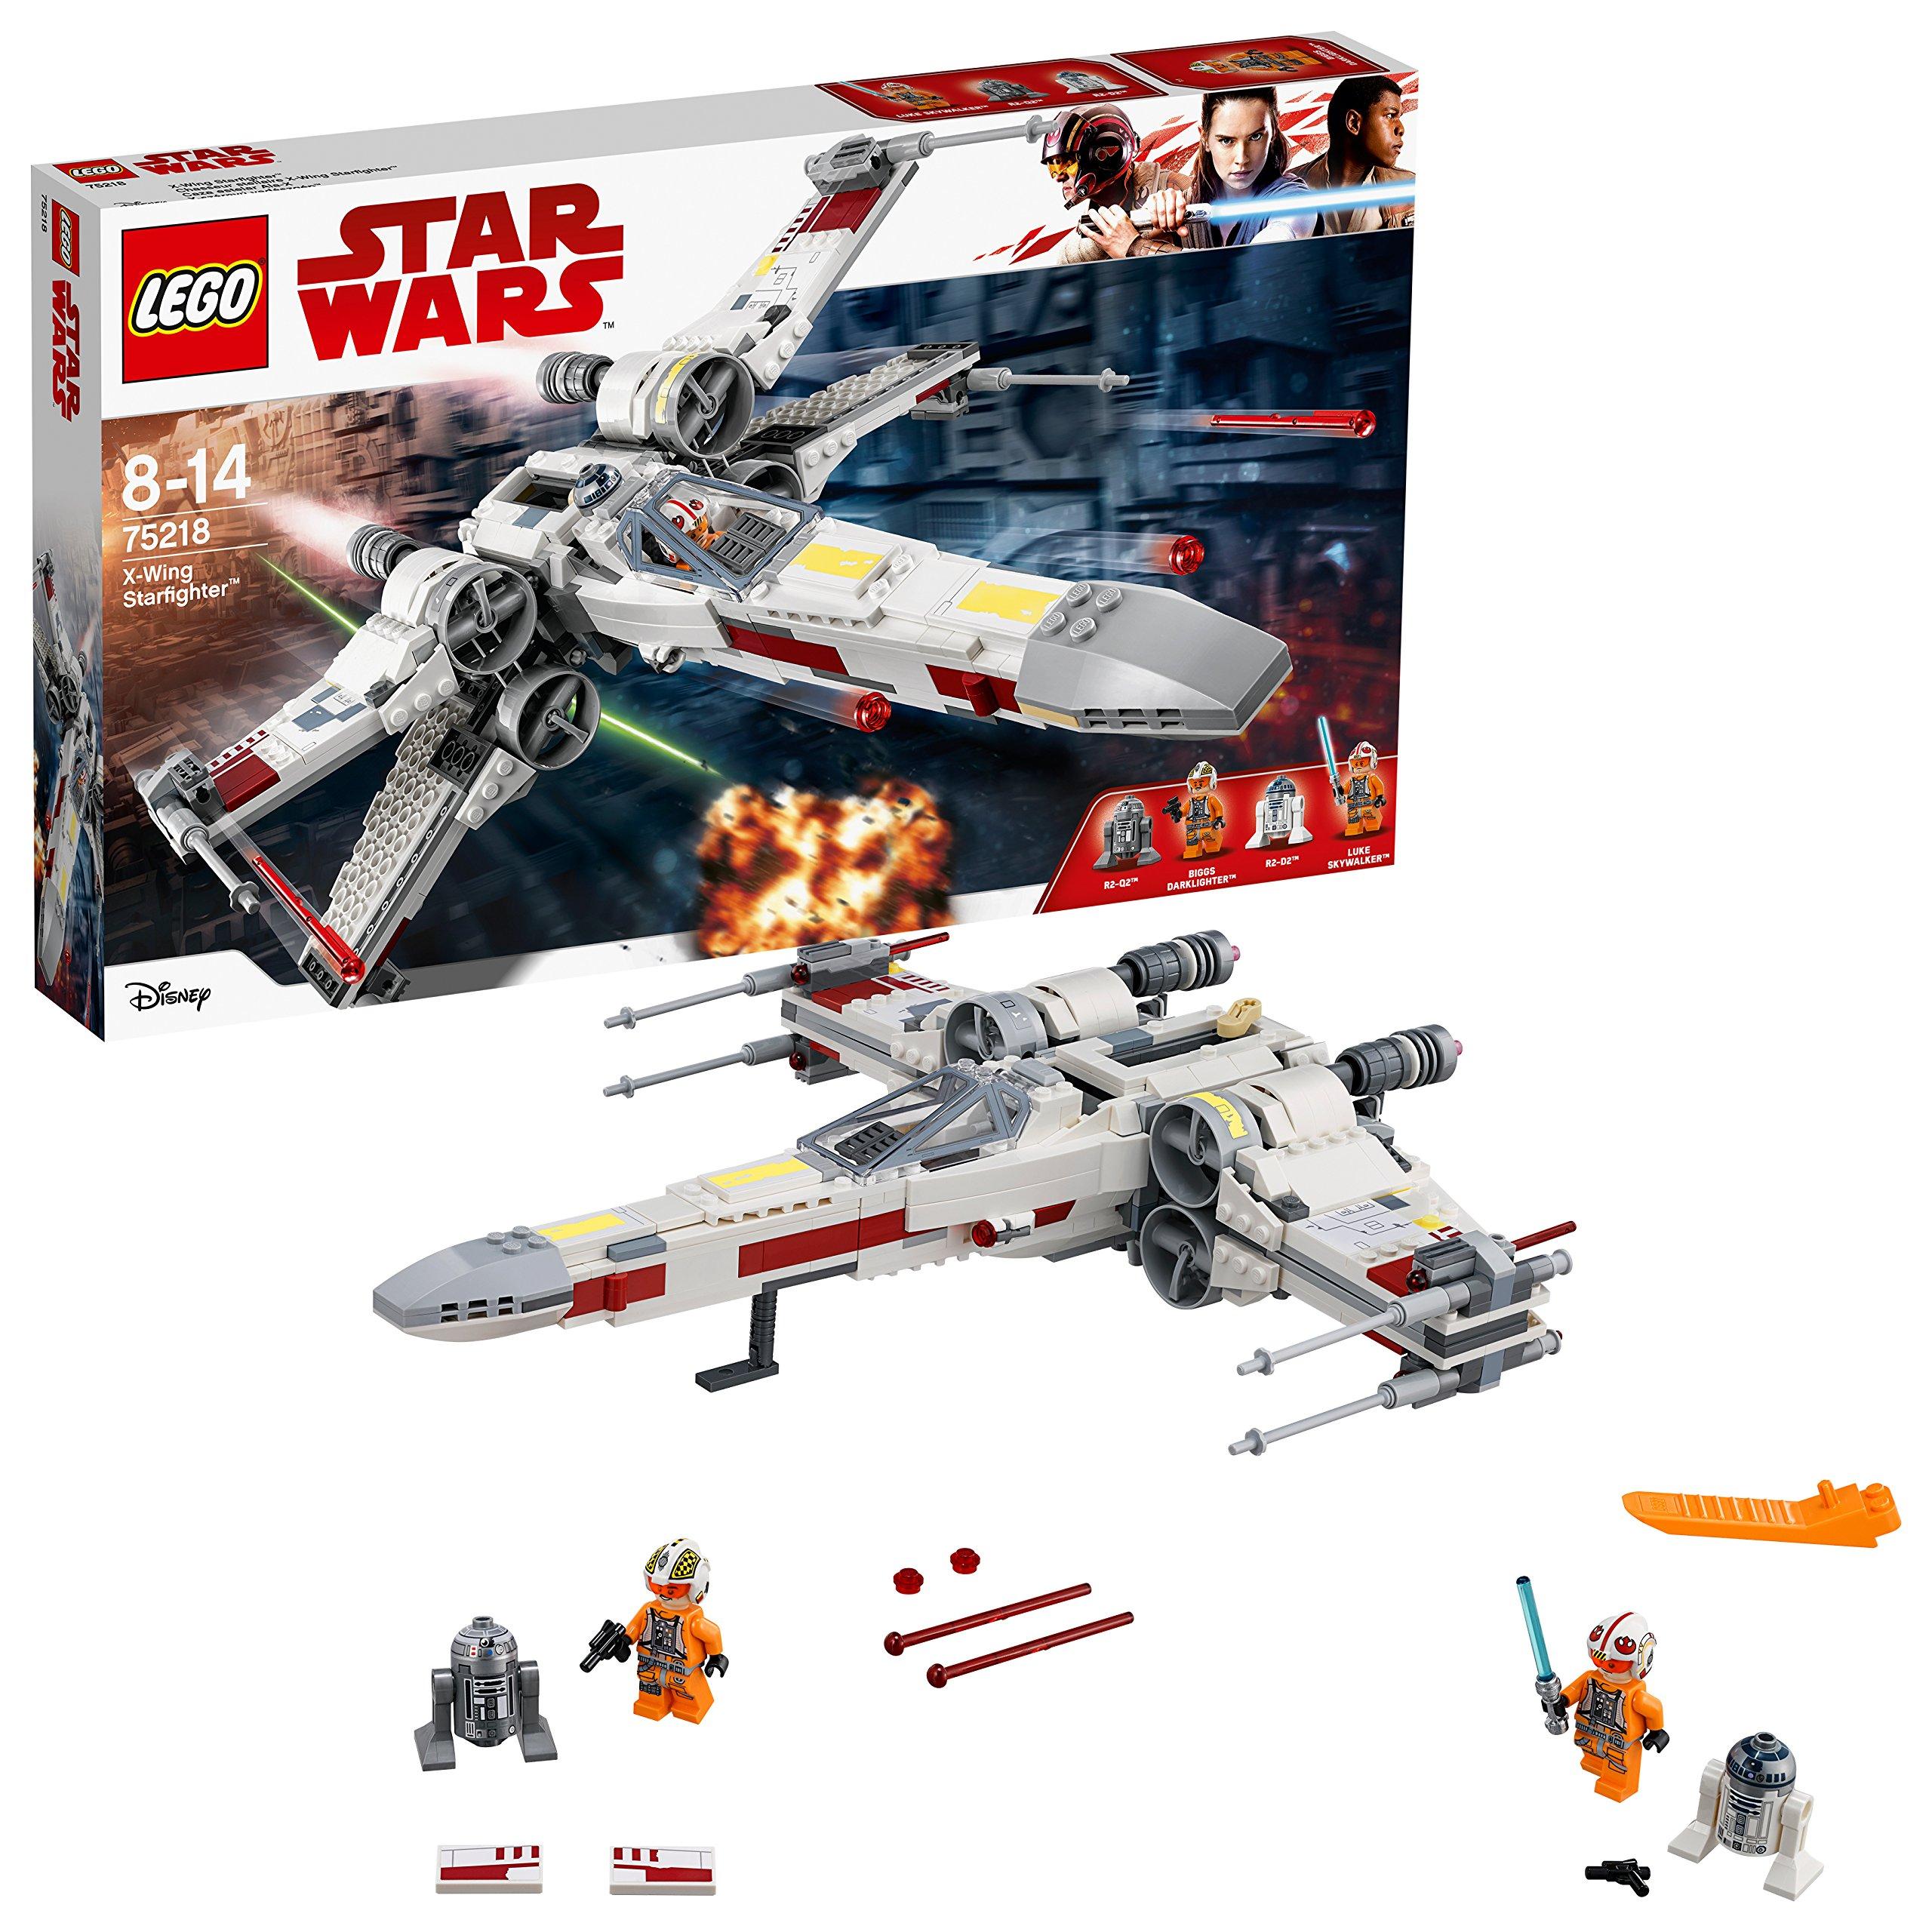 LEGO Star Wars – Caza Estelar Ala X, Juguete de La Guerra de las Galaxias de la Nave X Wing para Construir y Jugar, Incluye Minifiguras de Luke Skywalker, R2-D2 y R2-Q2 (75218)